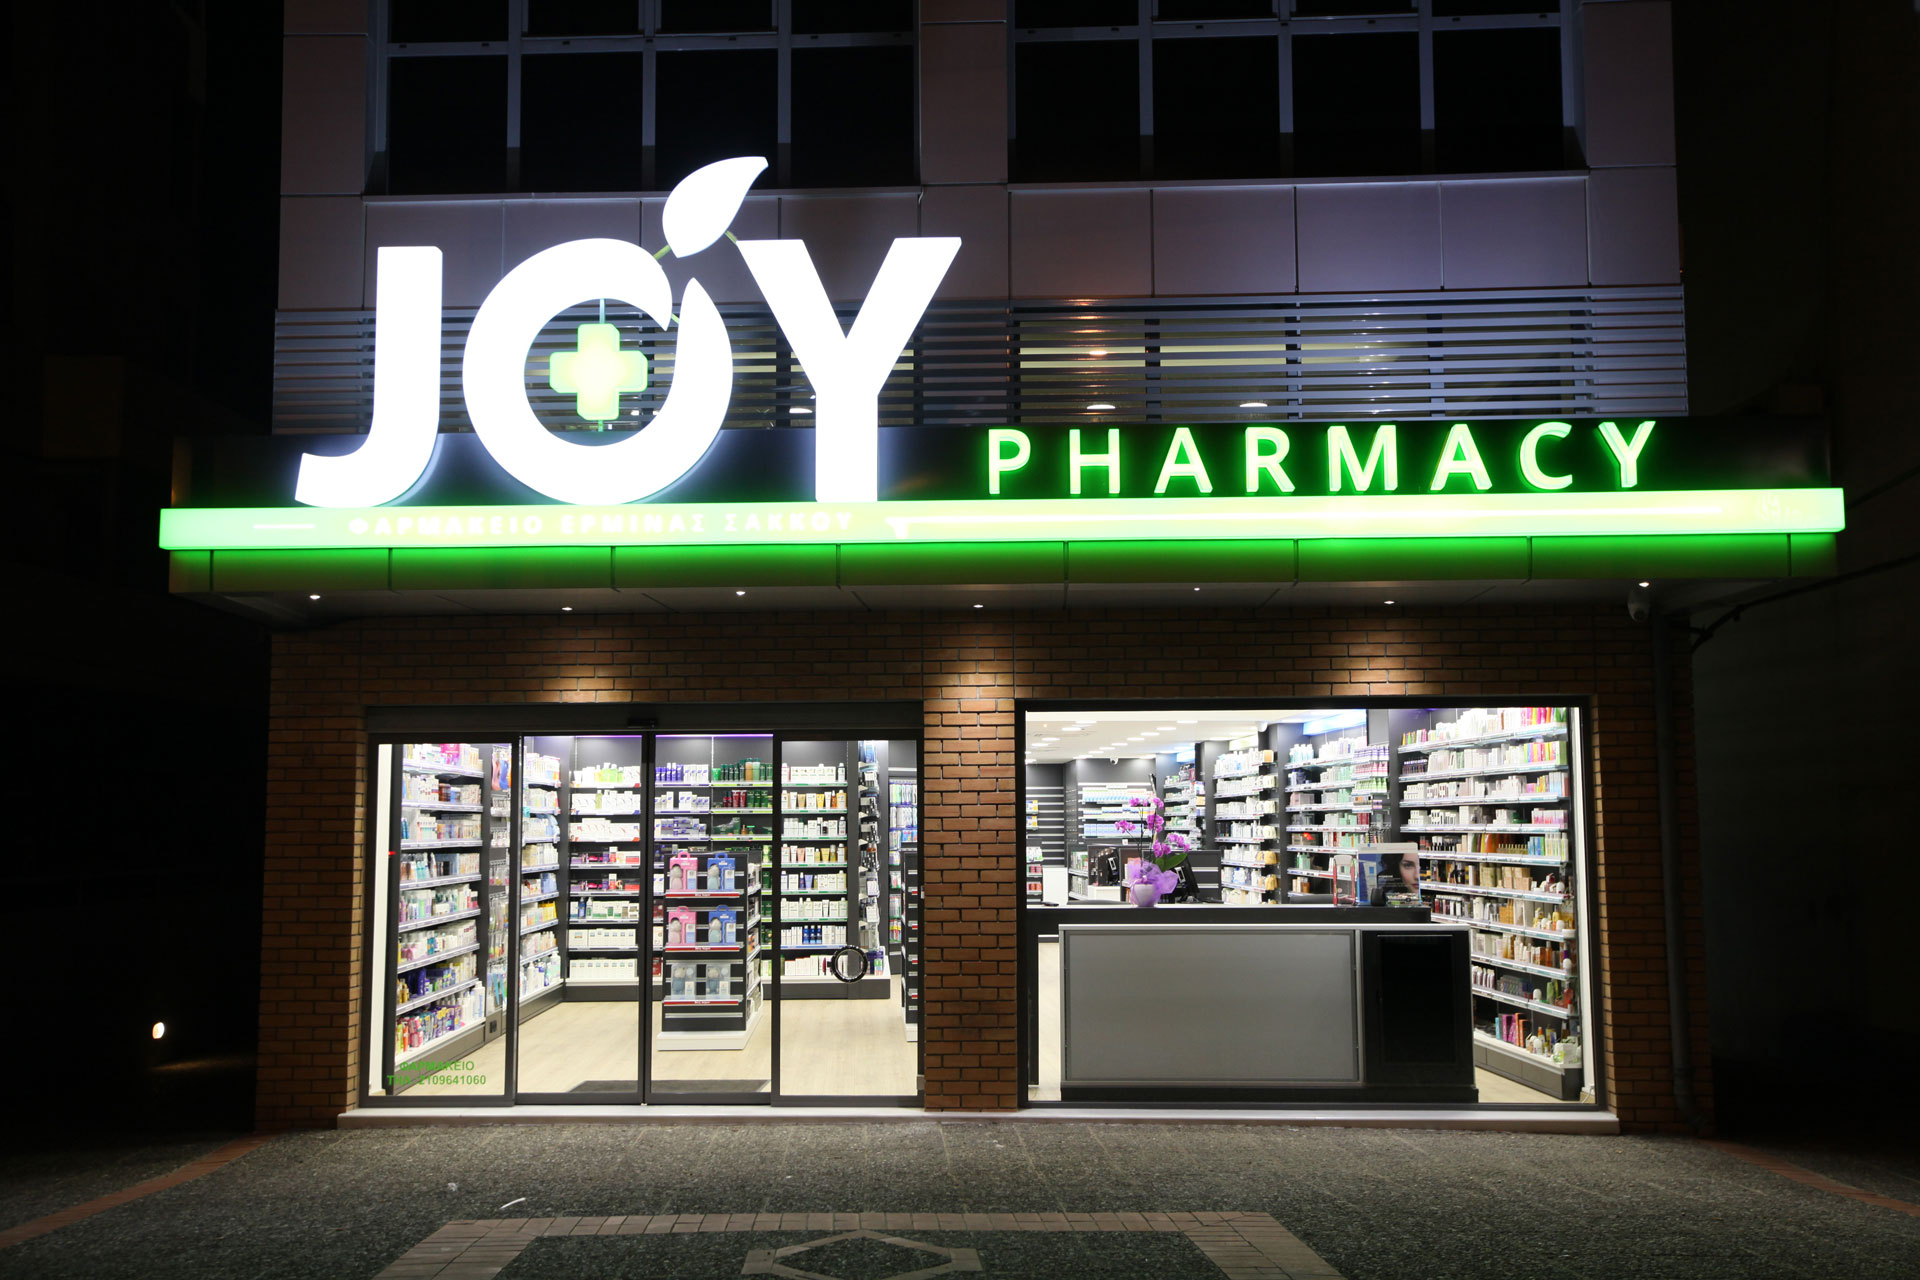 кто-кто, красивые вывески на фасаде аптек фото это